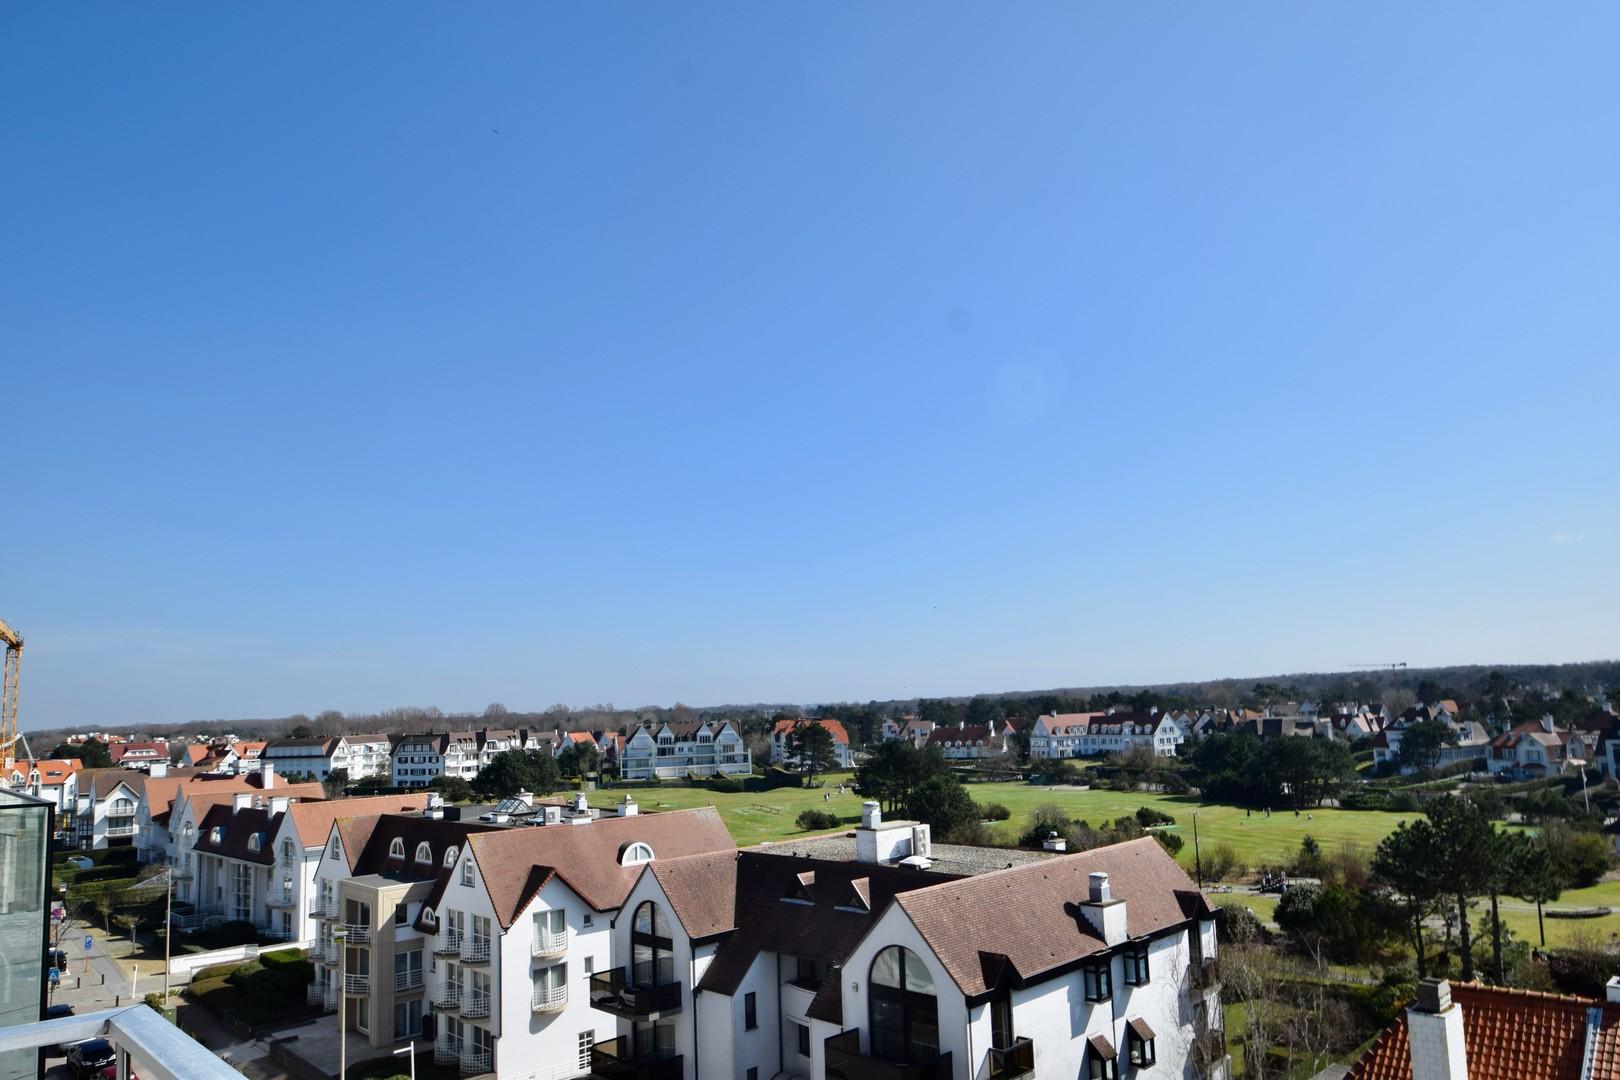 Te koop bij Knokke Real Estate met zicht op de Kustlaan en Approach golf